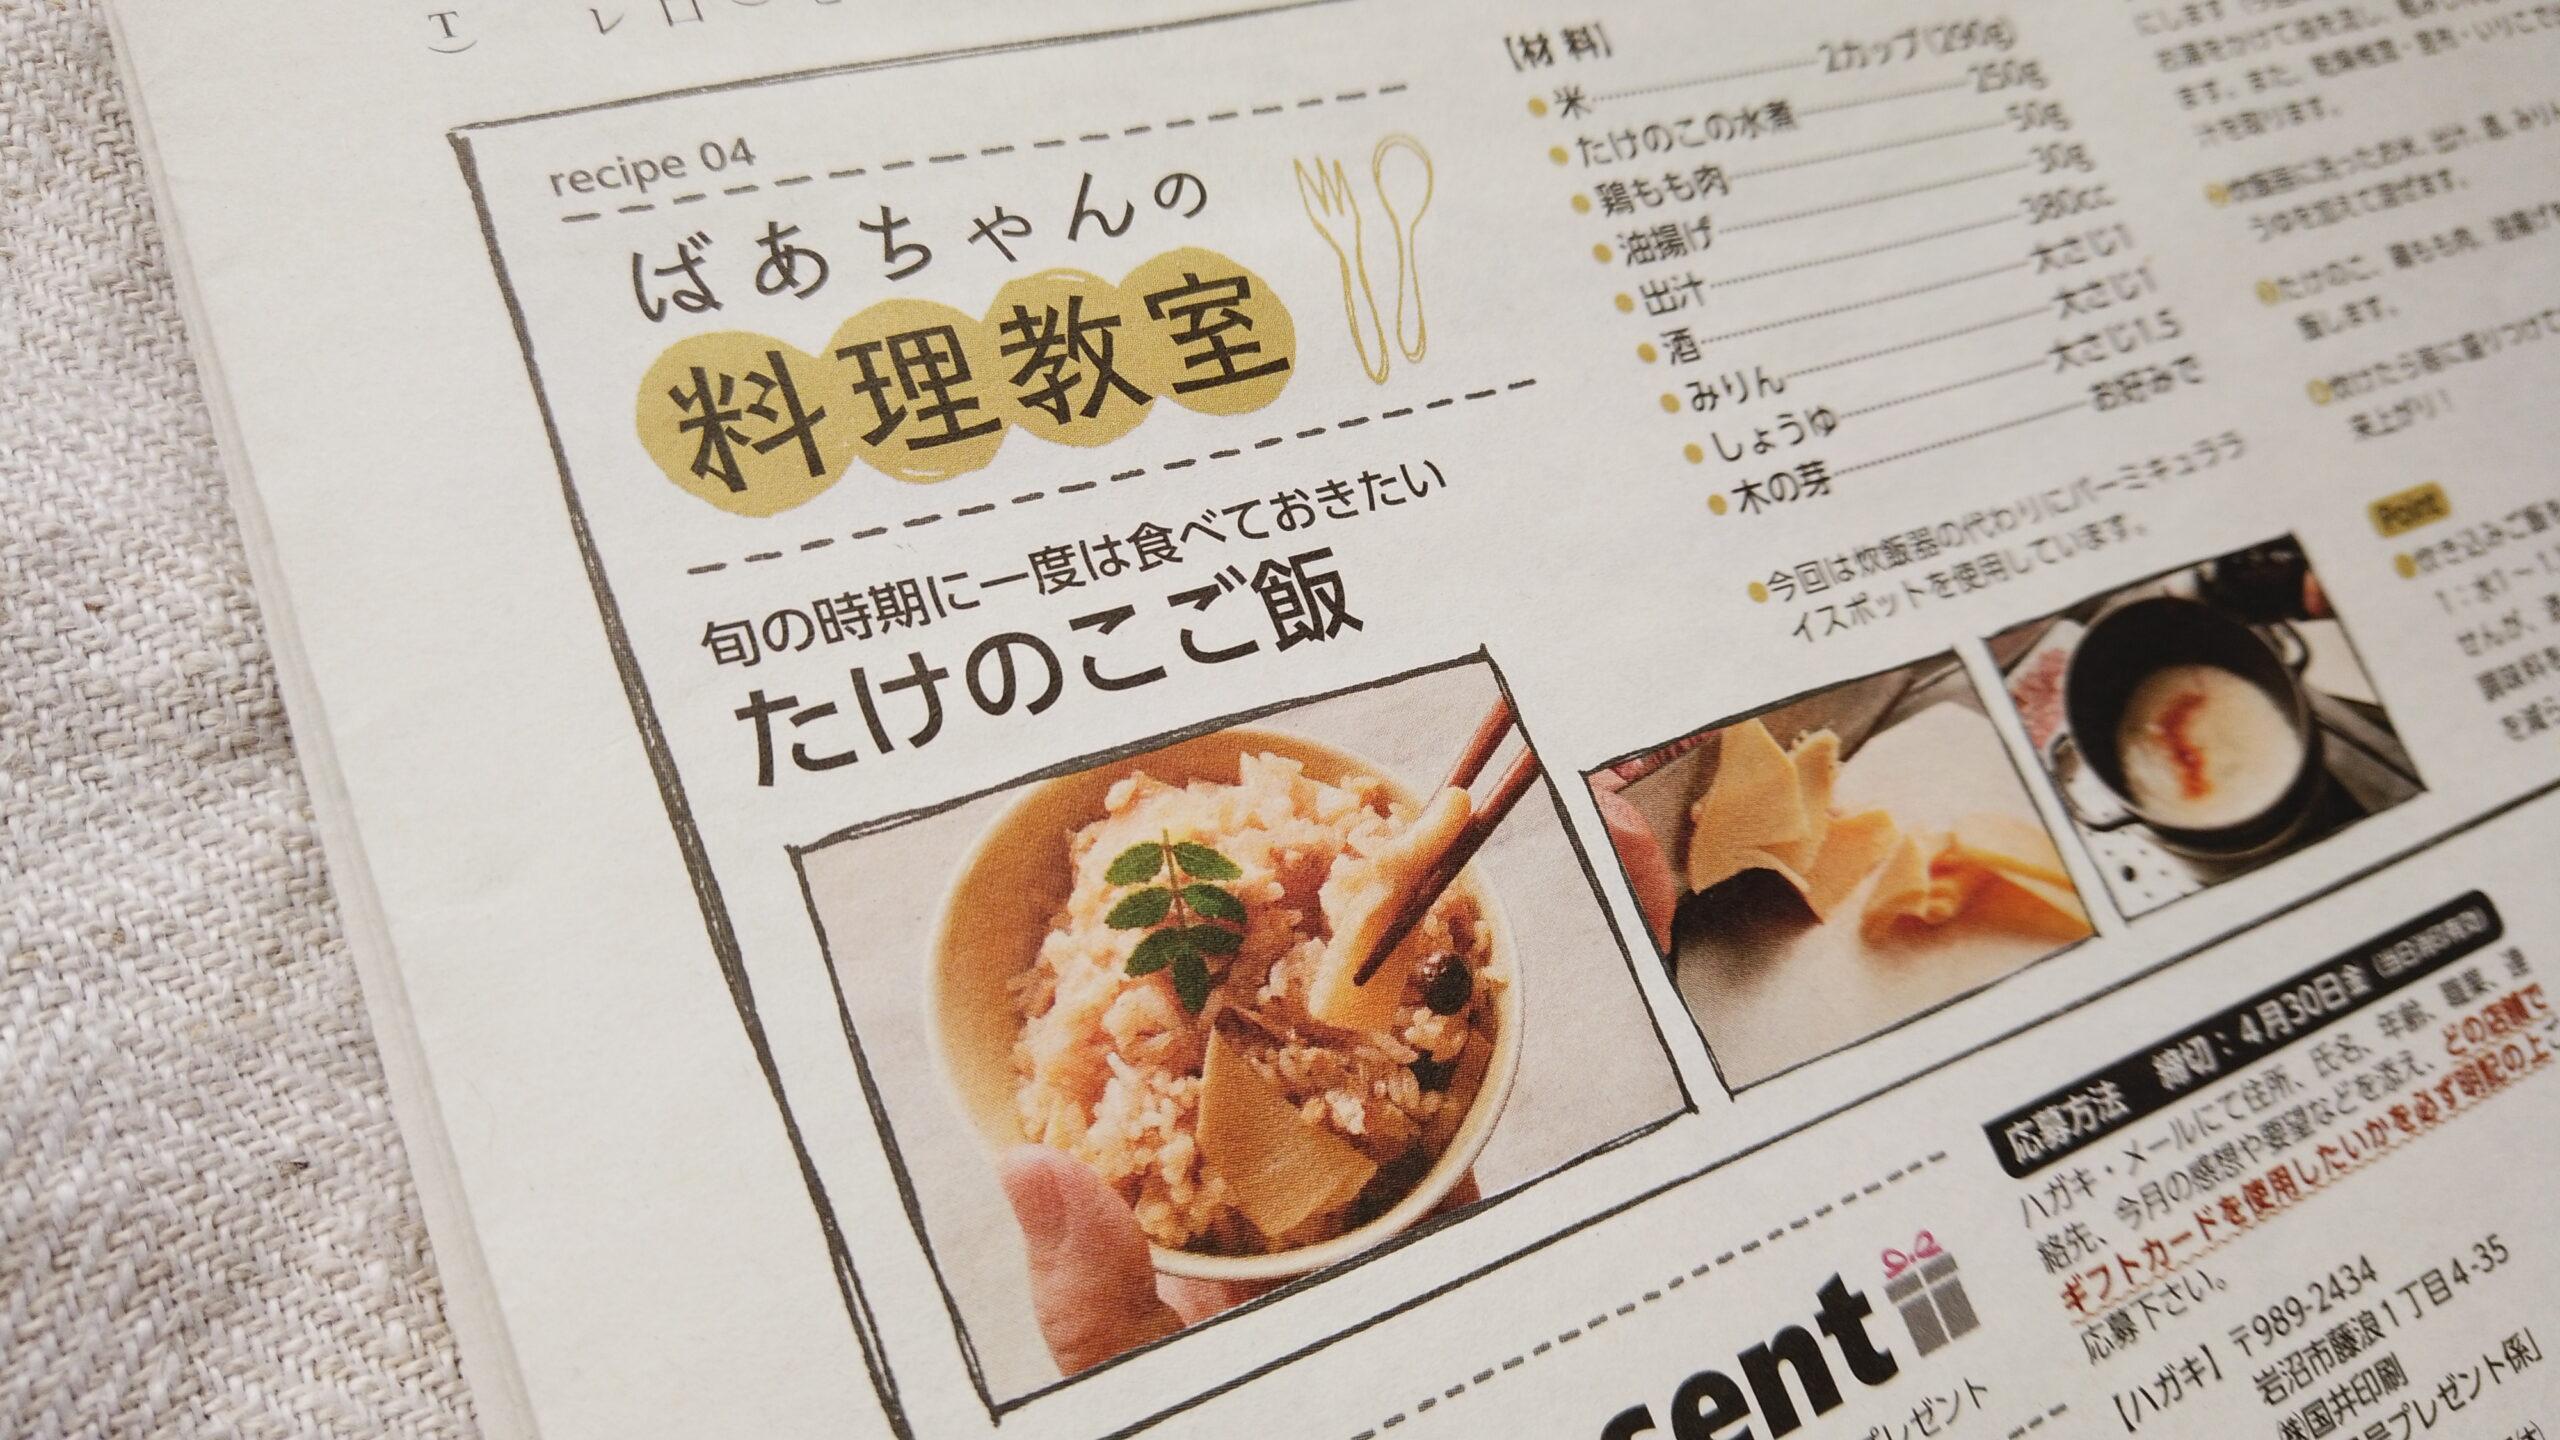 ばあちゃんの料理教室の「たけのこご飯」が宮城県の地域情報誌「commu」(4月号)に掲載されました